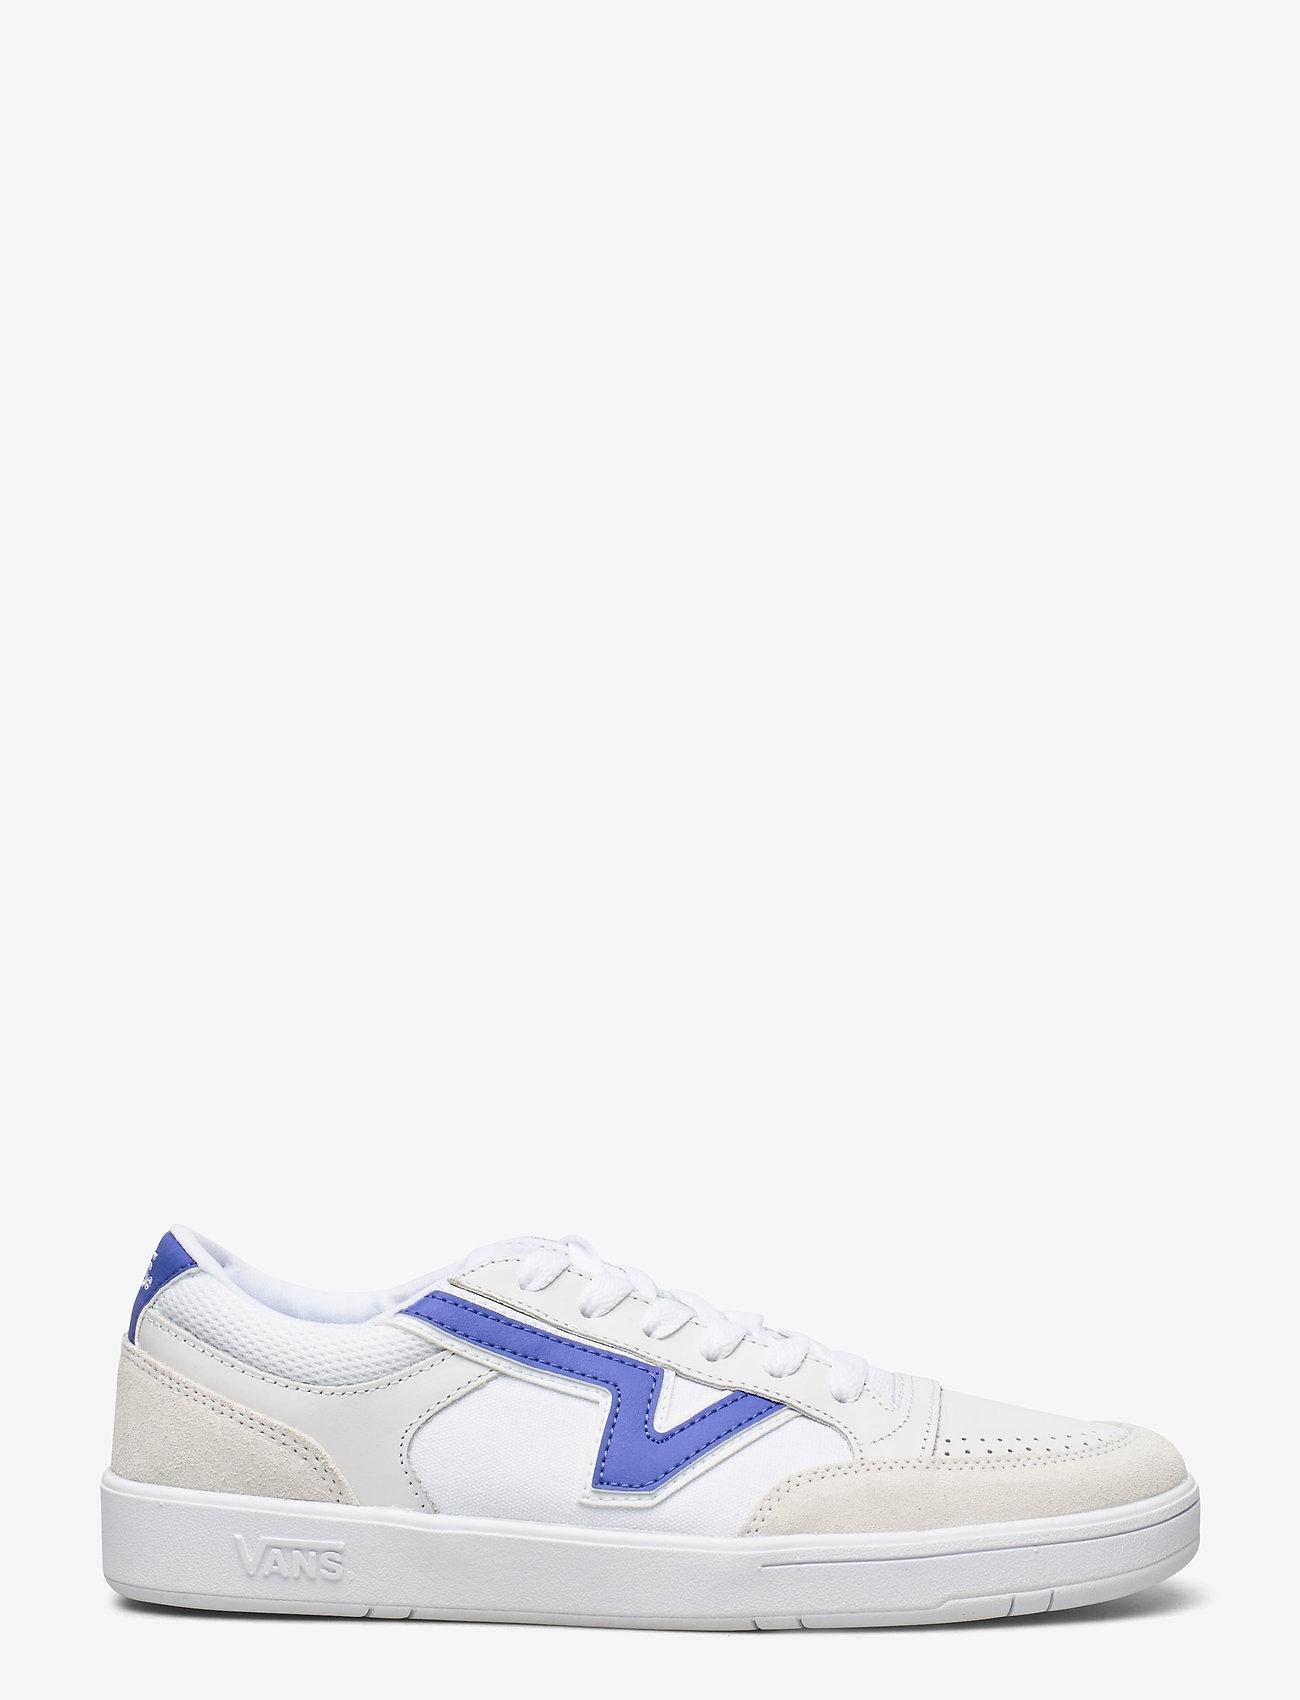 VANS - UA Lowland CC - laag sneakers - (court) tr wht/baja blue - 1